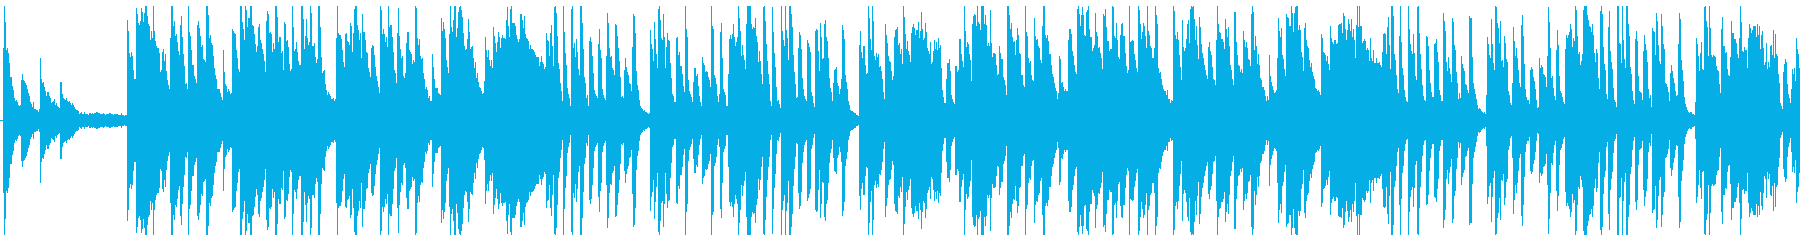 迷路のようなホラーっぽいピアノ曲/ゲームの再生済みの波形